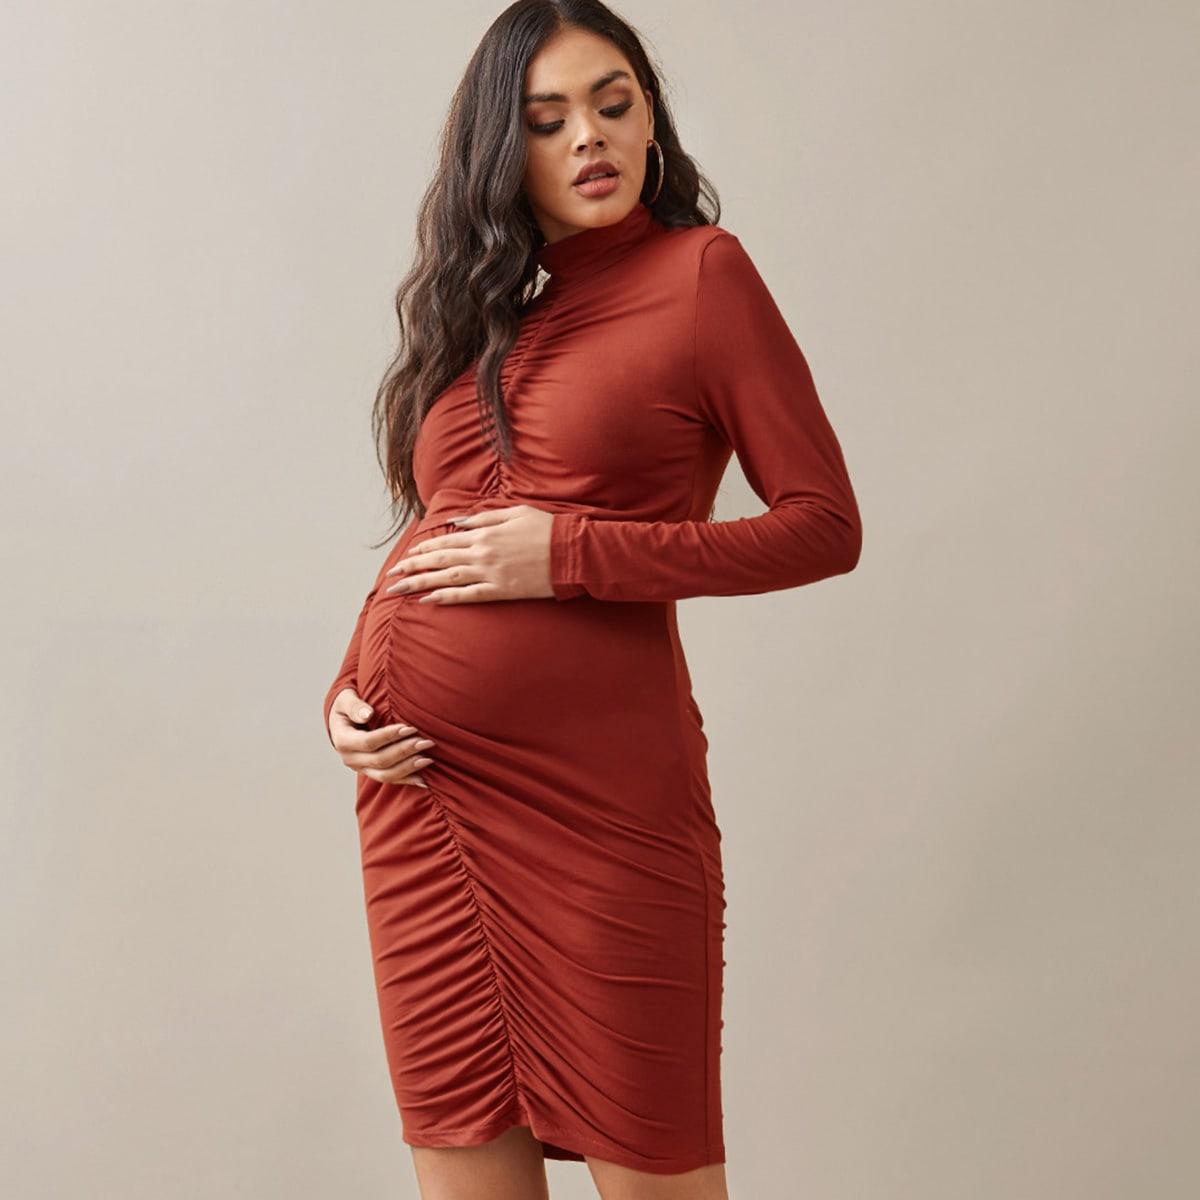 Со сборками ровный цвет элегантный комплект из двух предметов для беременных